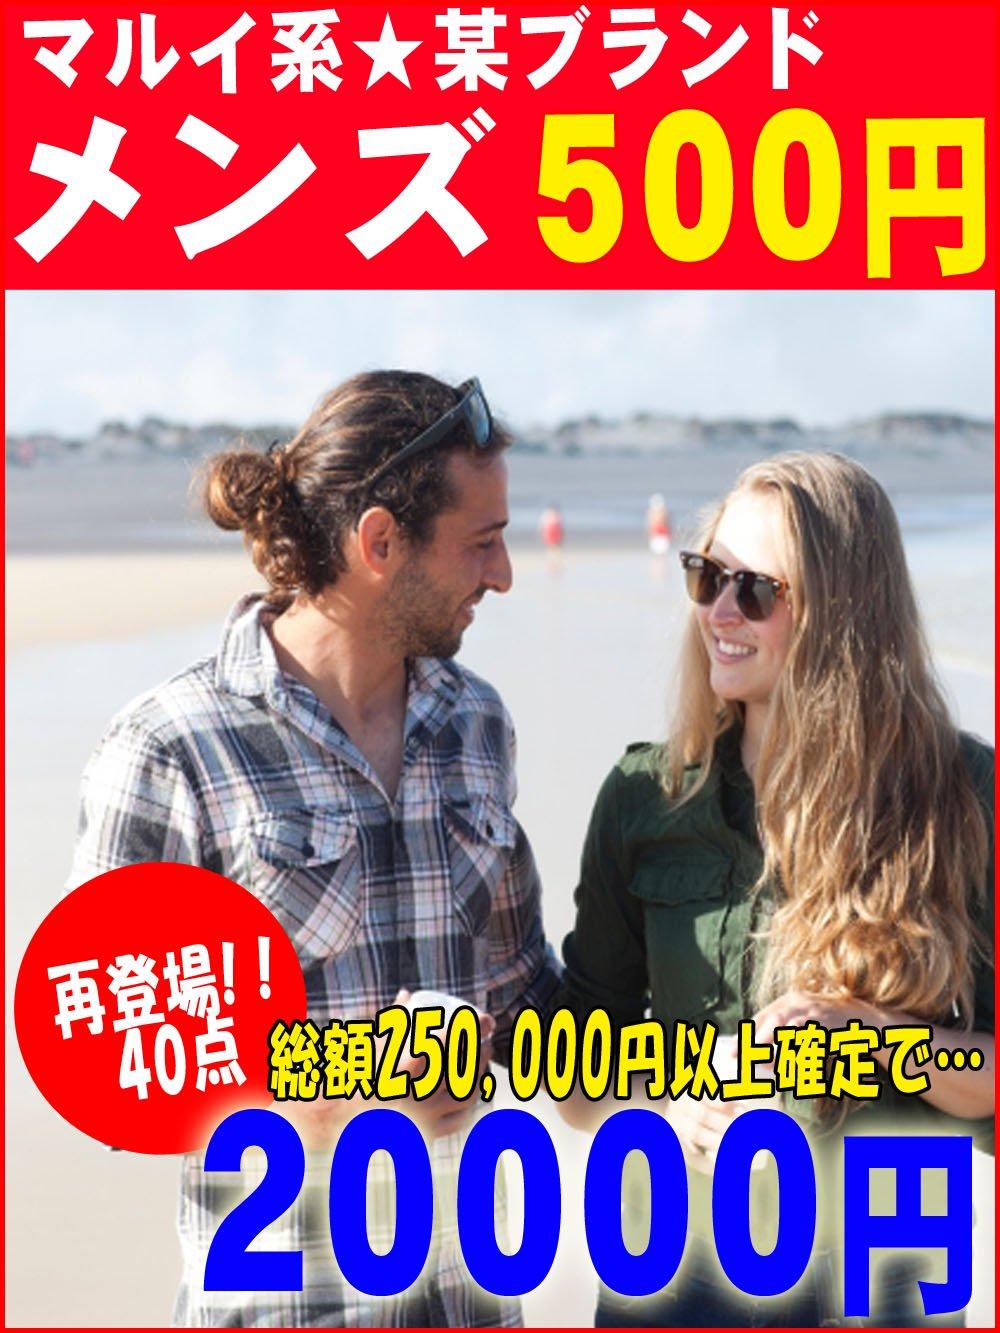 【 250.000円以上確定 】 マルイ系 メンズ某ブランド アソートセット【40点】@500